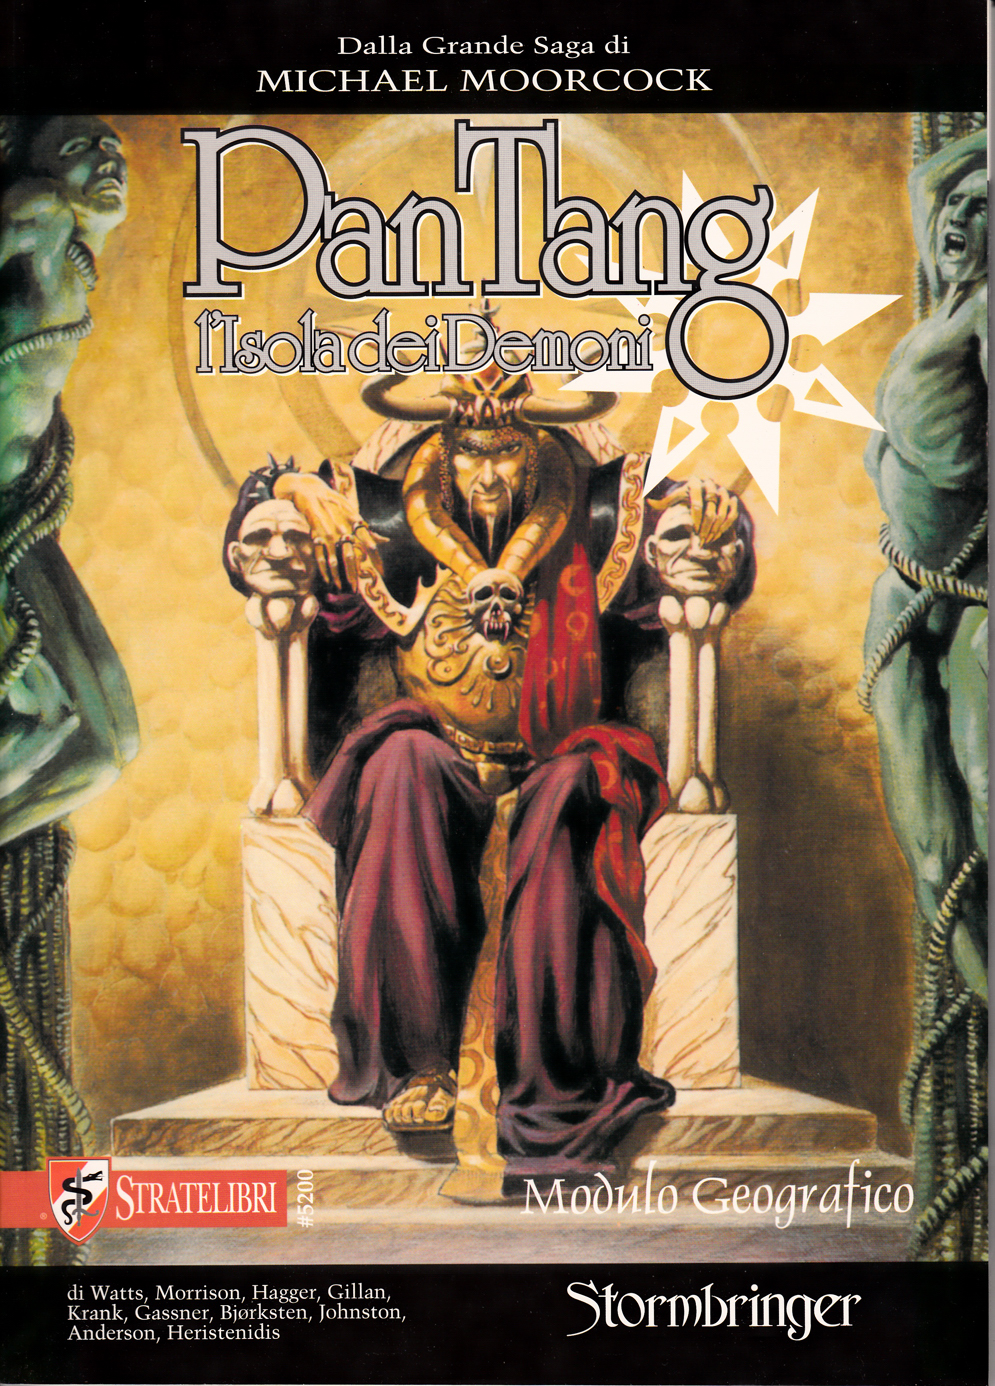 Stormbringer - Pan Tang l'isola dei demoni